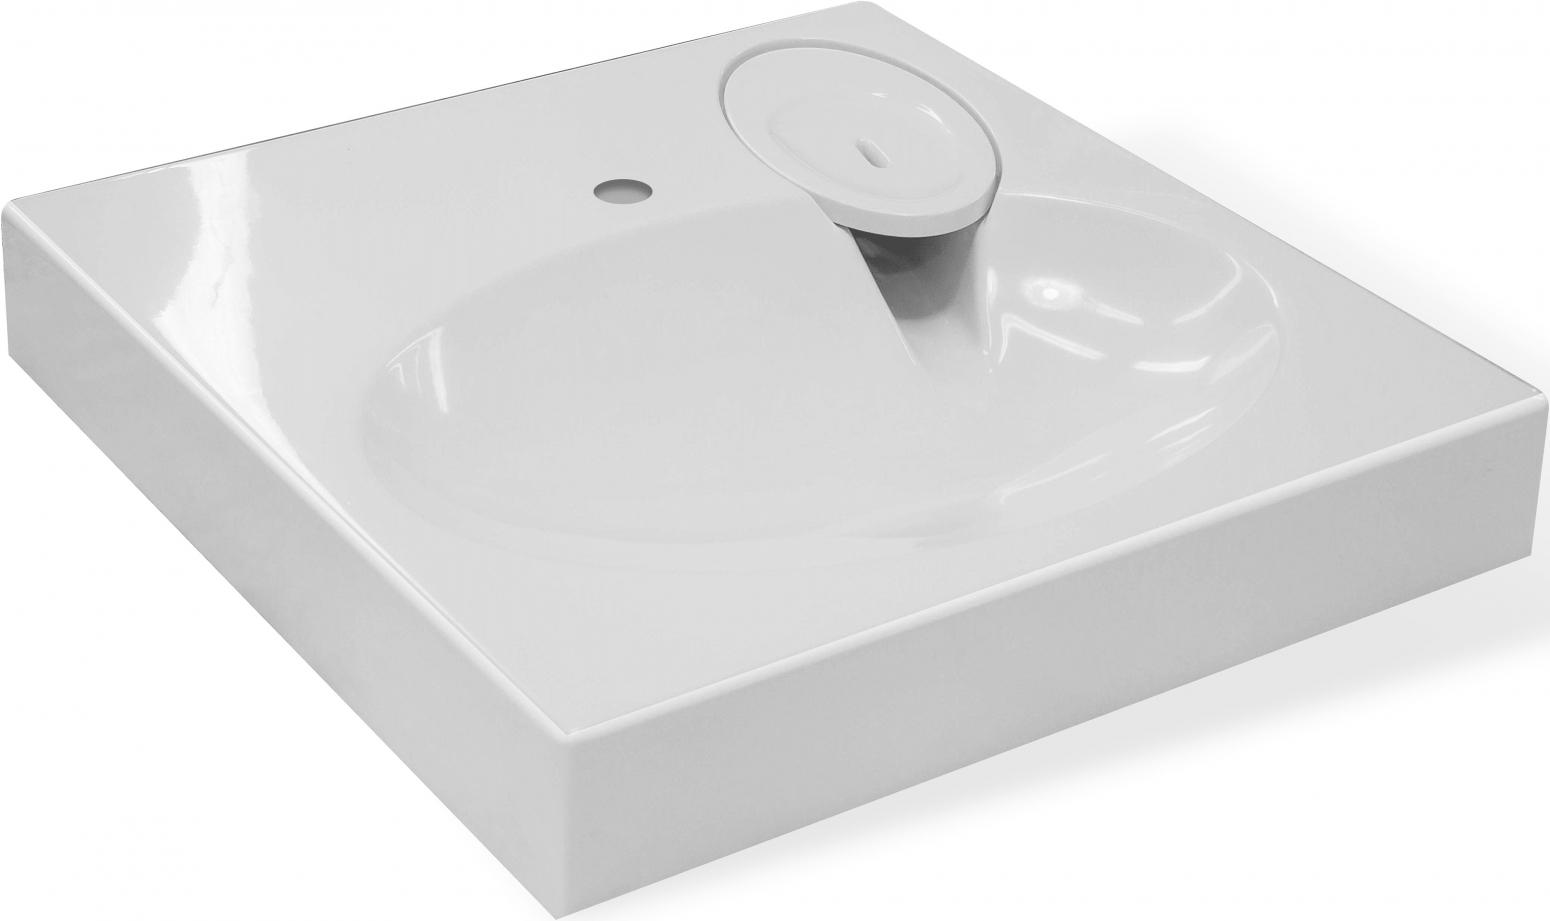 Раковина Эстет Lea 60 прямоугольная, цвет белый ФР-00001624 купить онлайн с доставкой в интернет-магазине SantPrice.ru